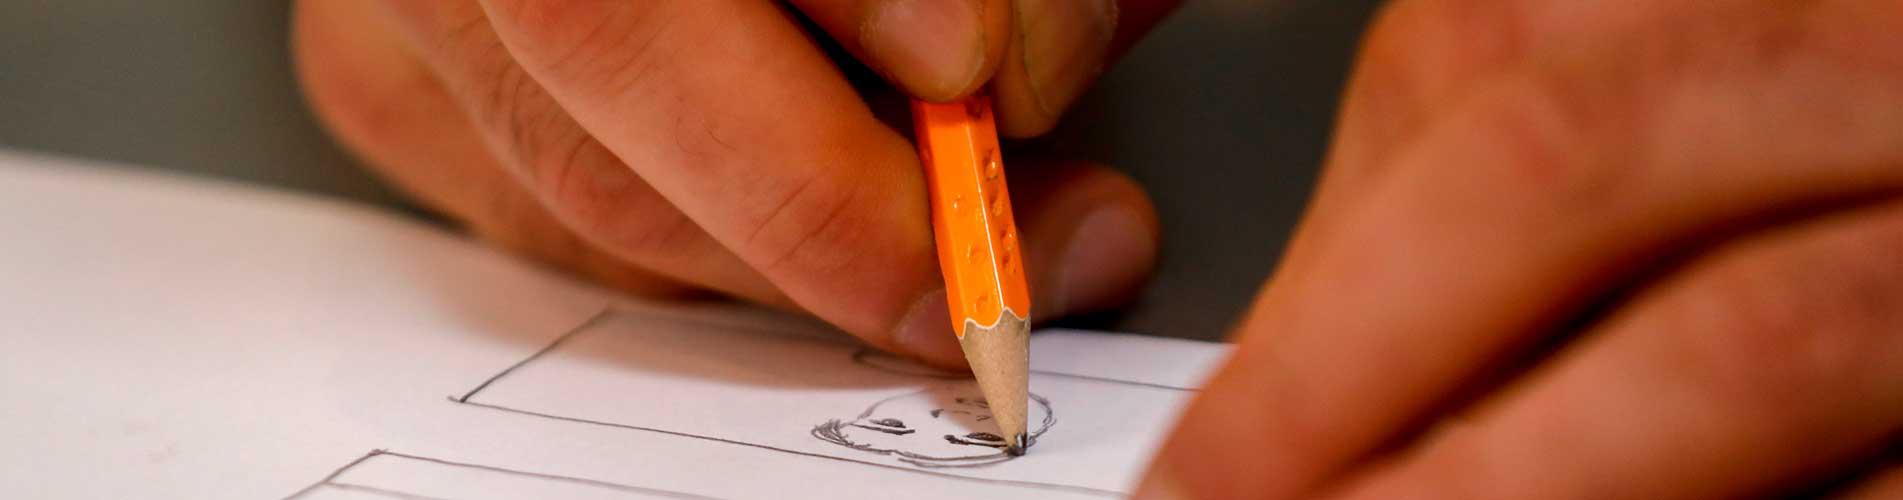 Bild zum Motto: Storyboard zeichnen im Rahmen von MY STORY 2018